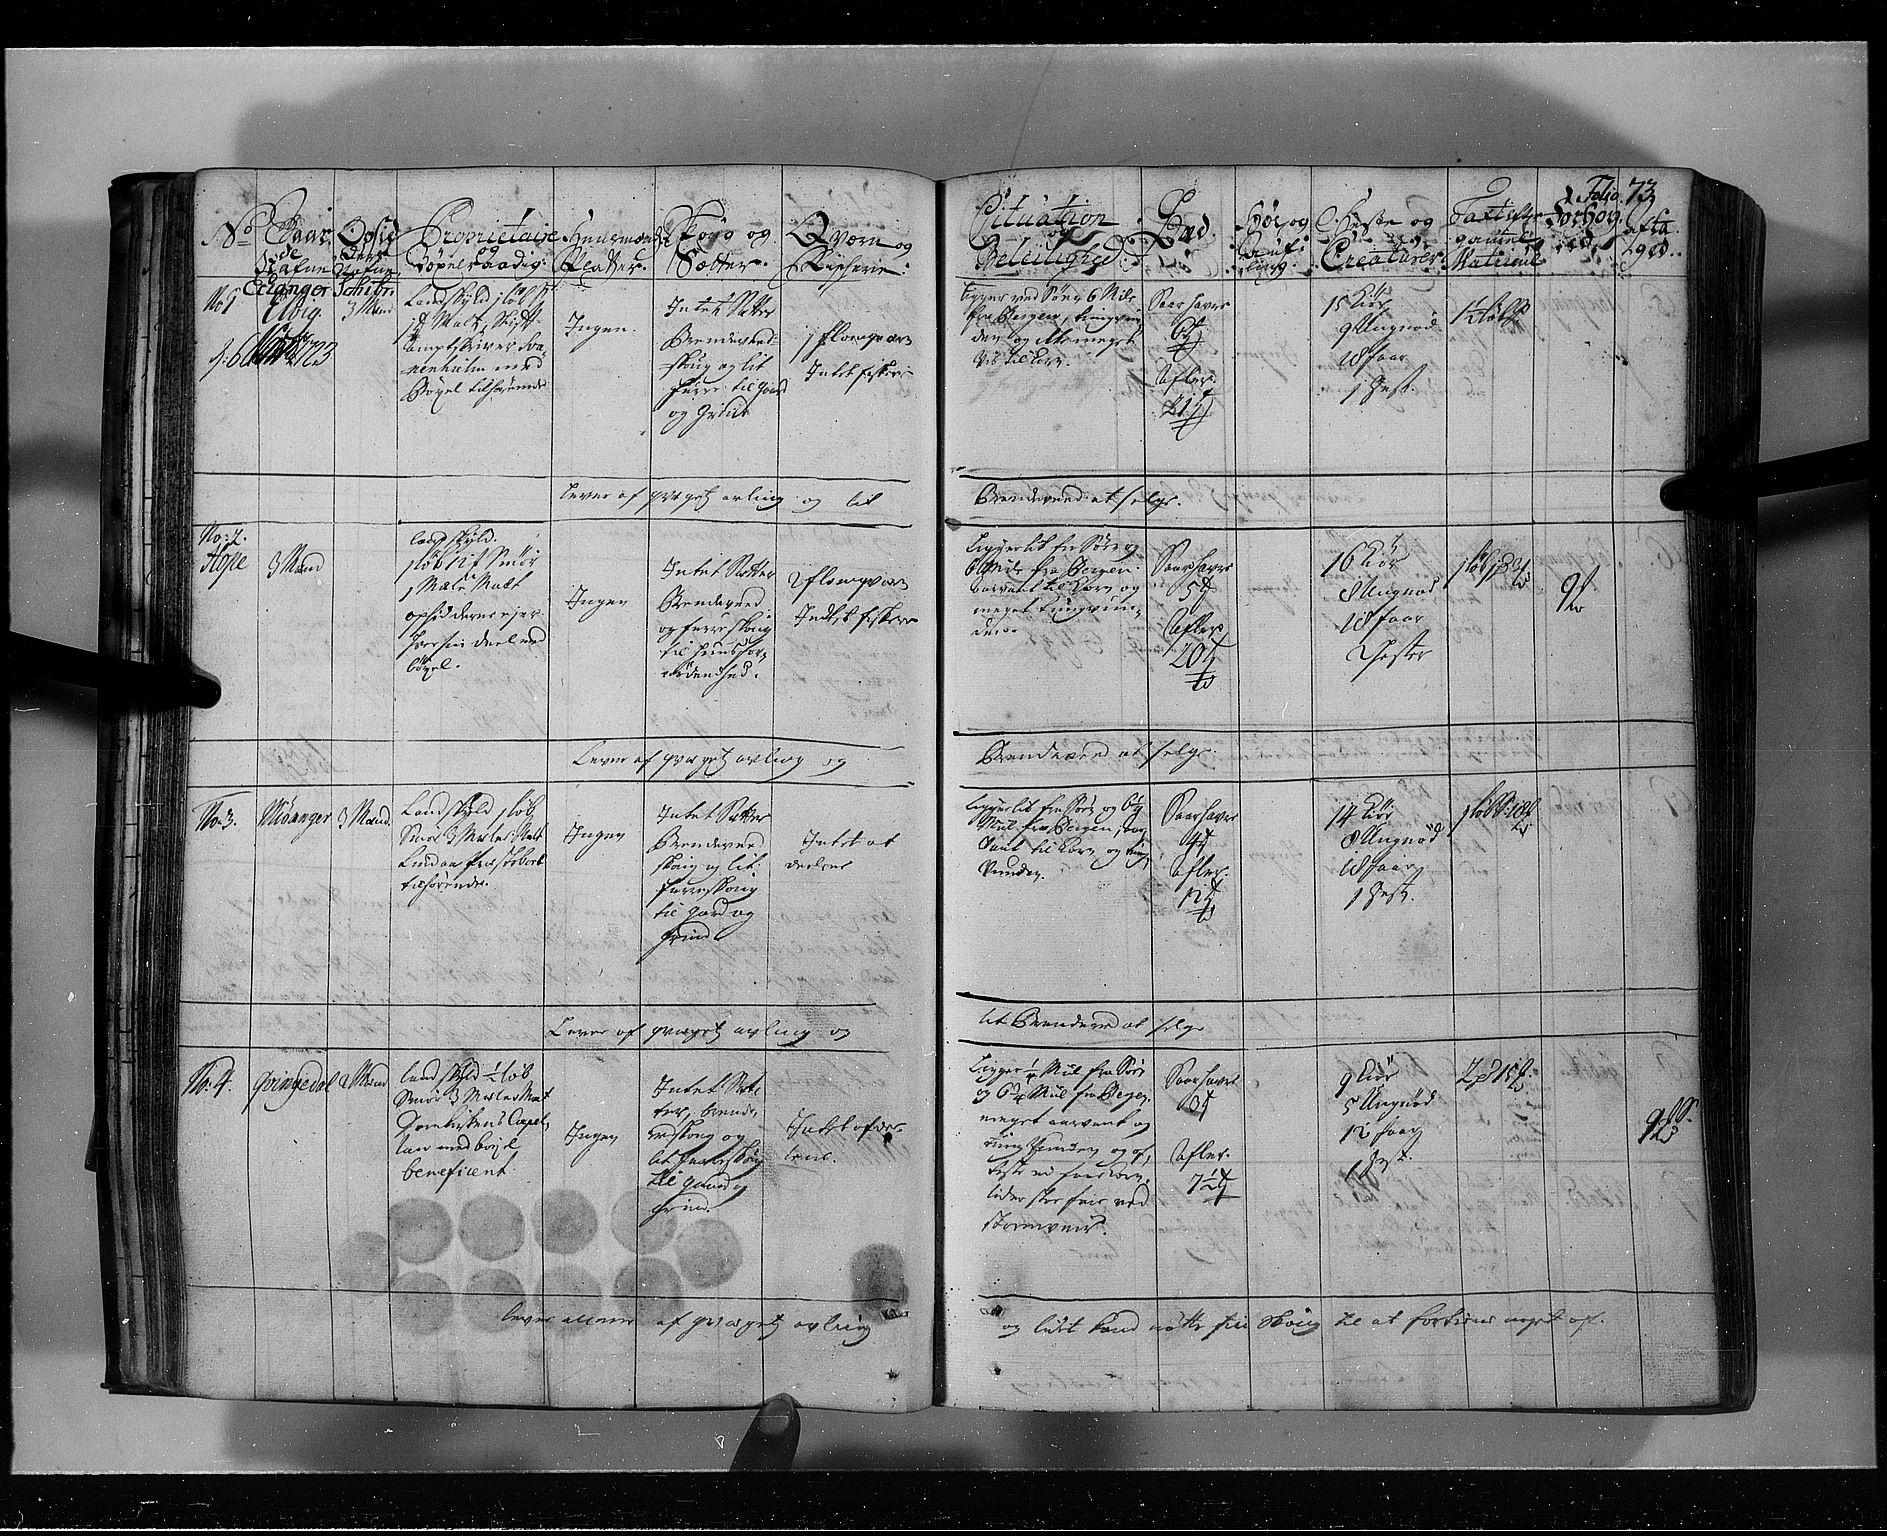 RA, Rentekammeret inntil 1814, Realistisk ordnet avdeling, N/Nb/Nbf/L0139: Nordhordland eksaminasjonsprotokoll, 1723, s. 72b-73a